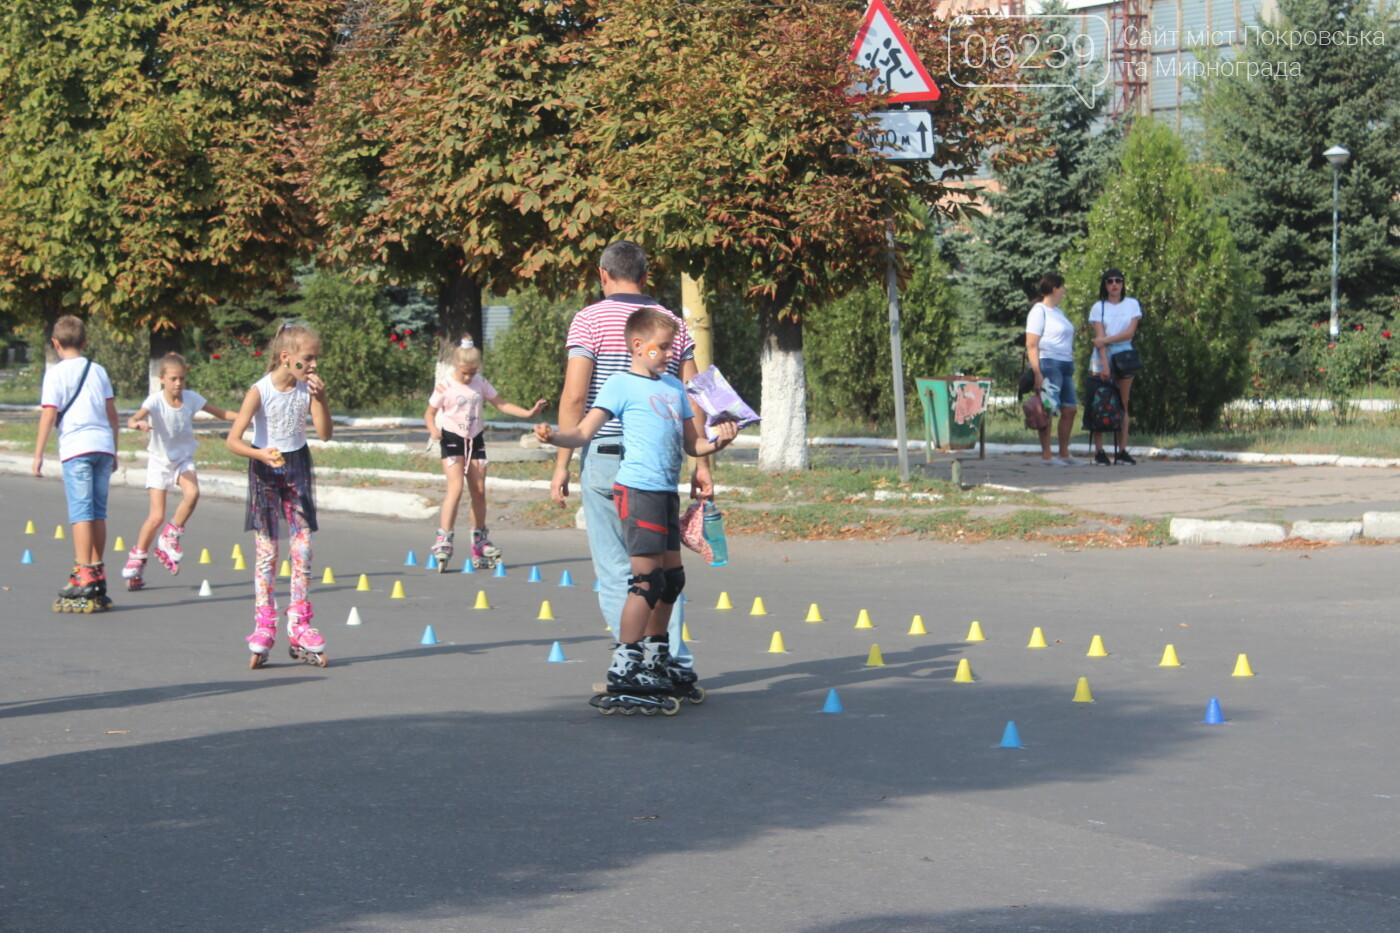 «Ролерфест» и соревнования: в Мирнограде отметили День физкультуры и спорта , фото-7